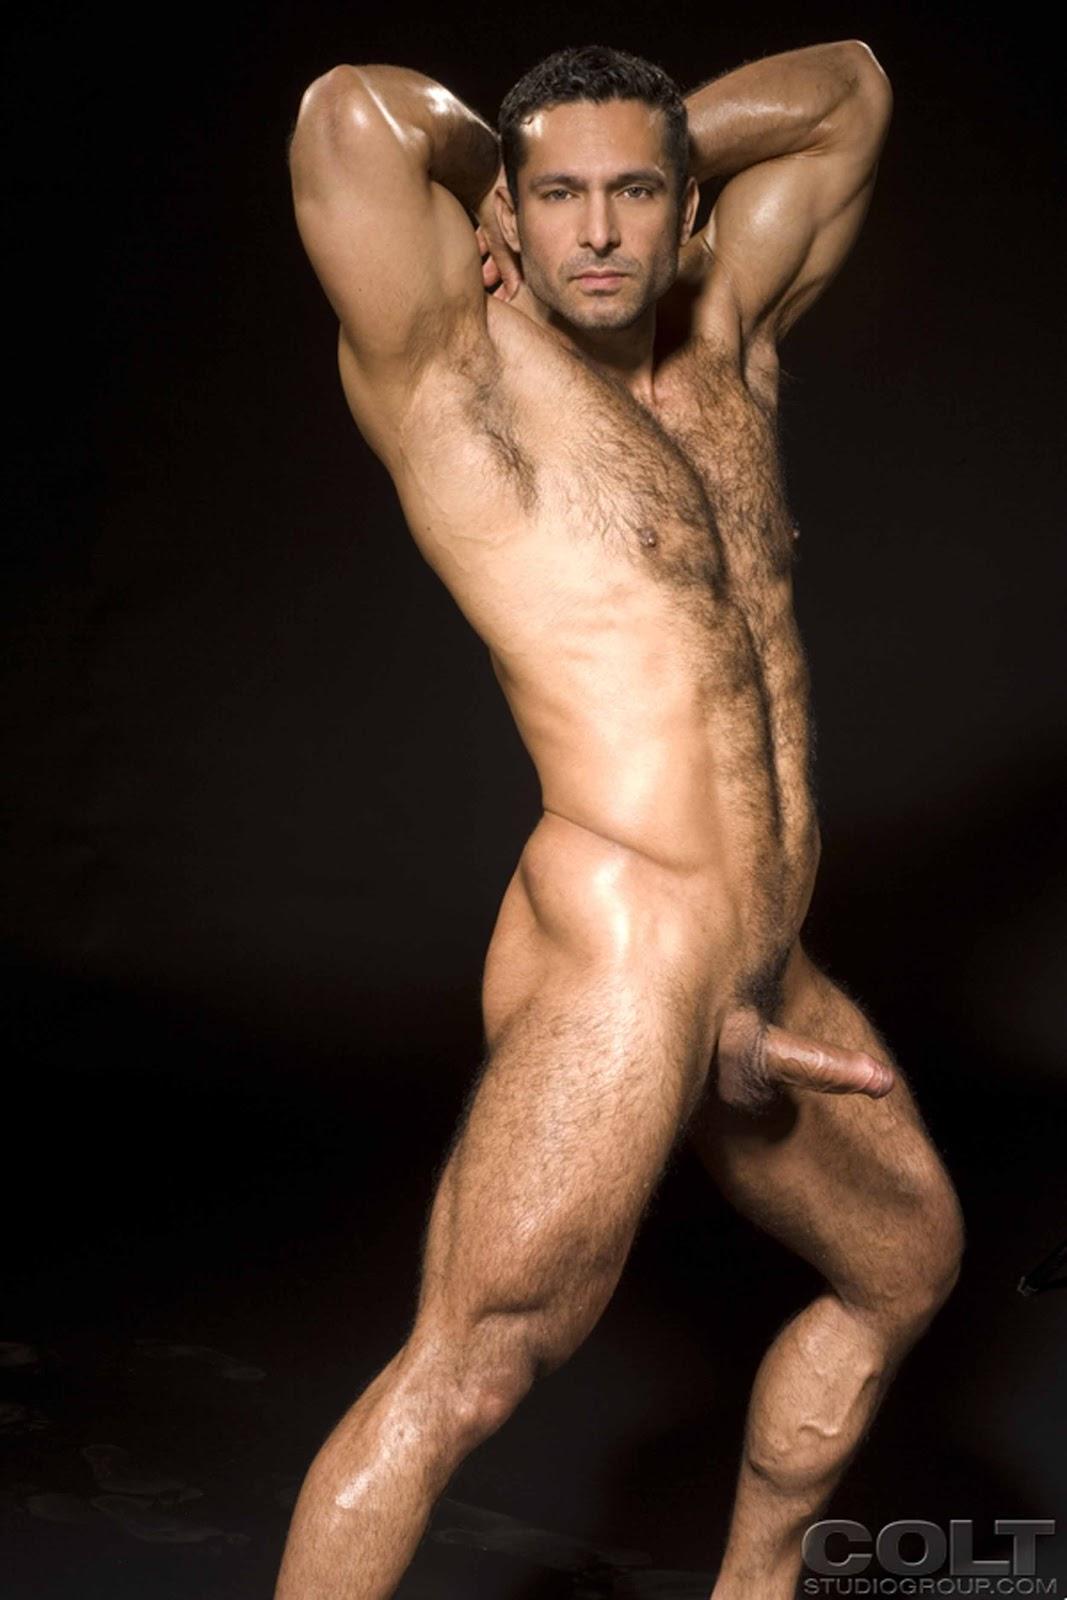 Hidden camera nude pics